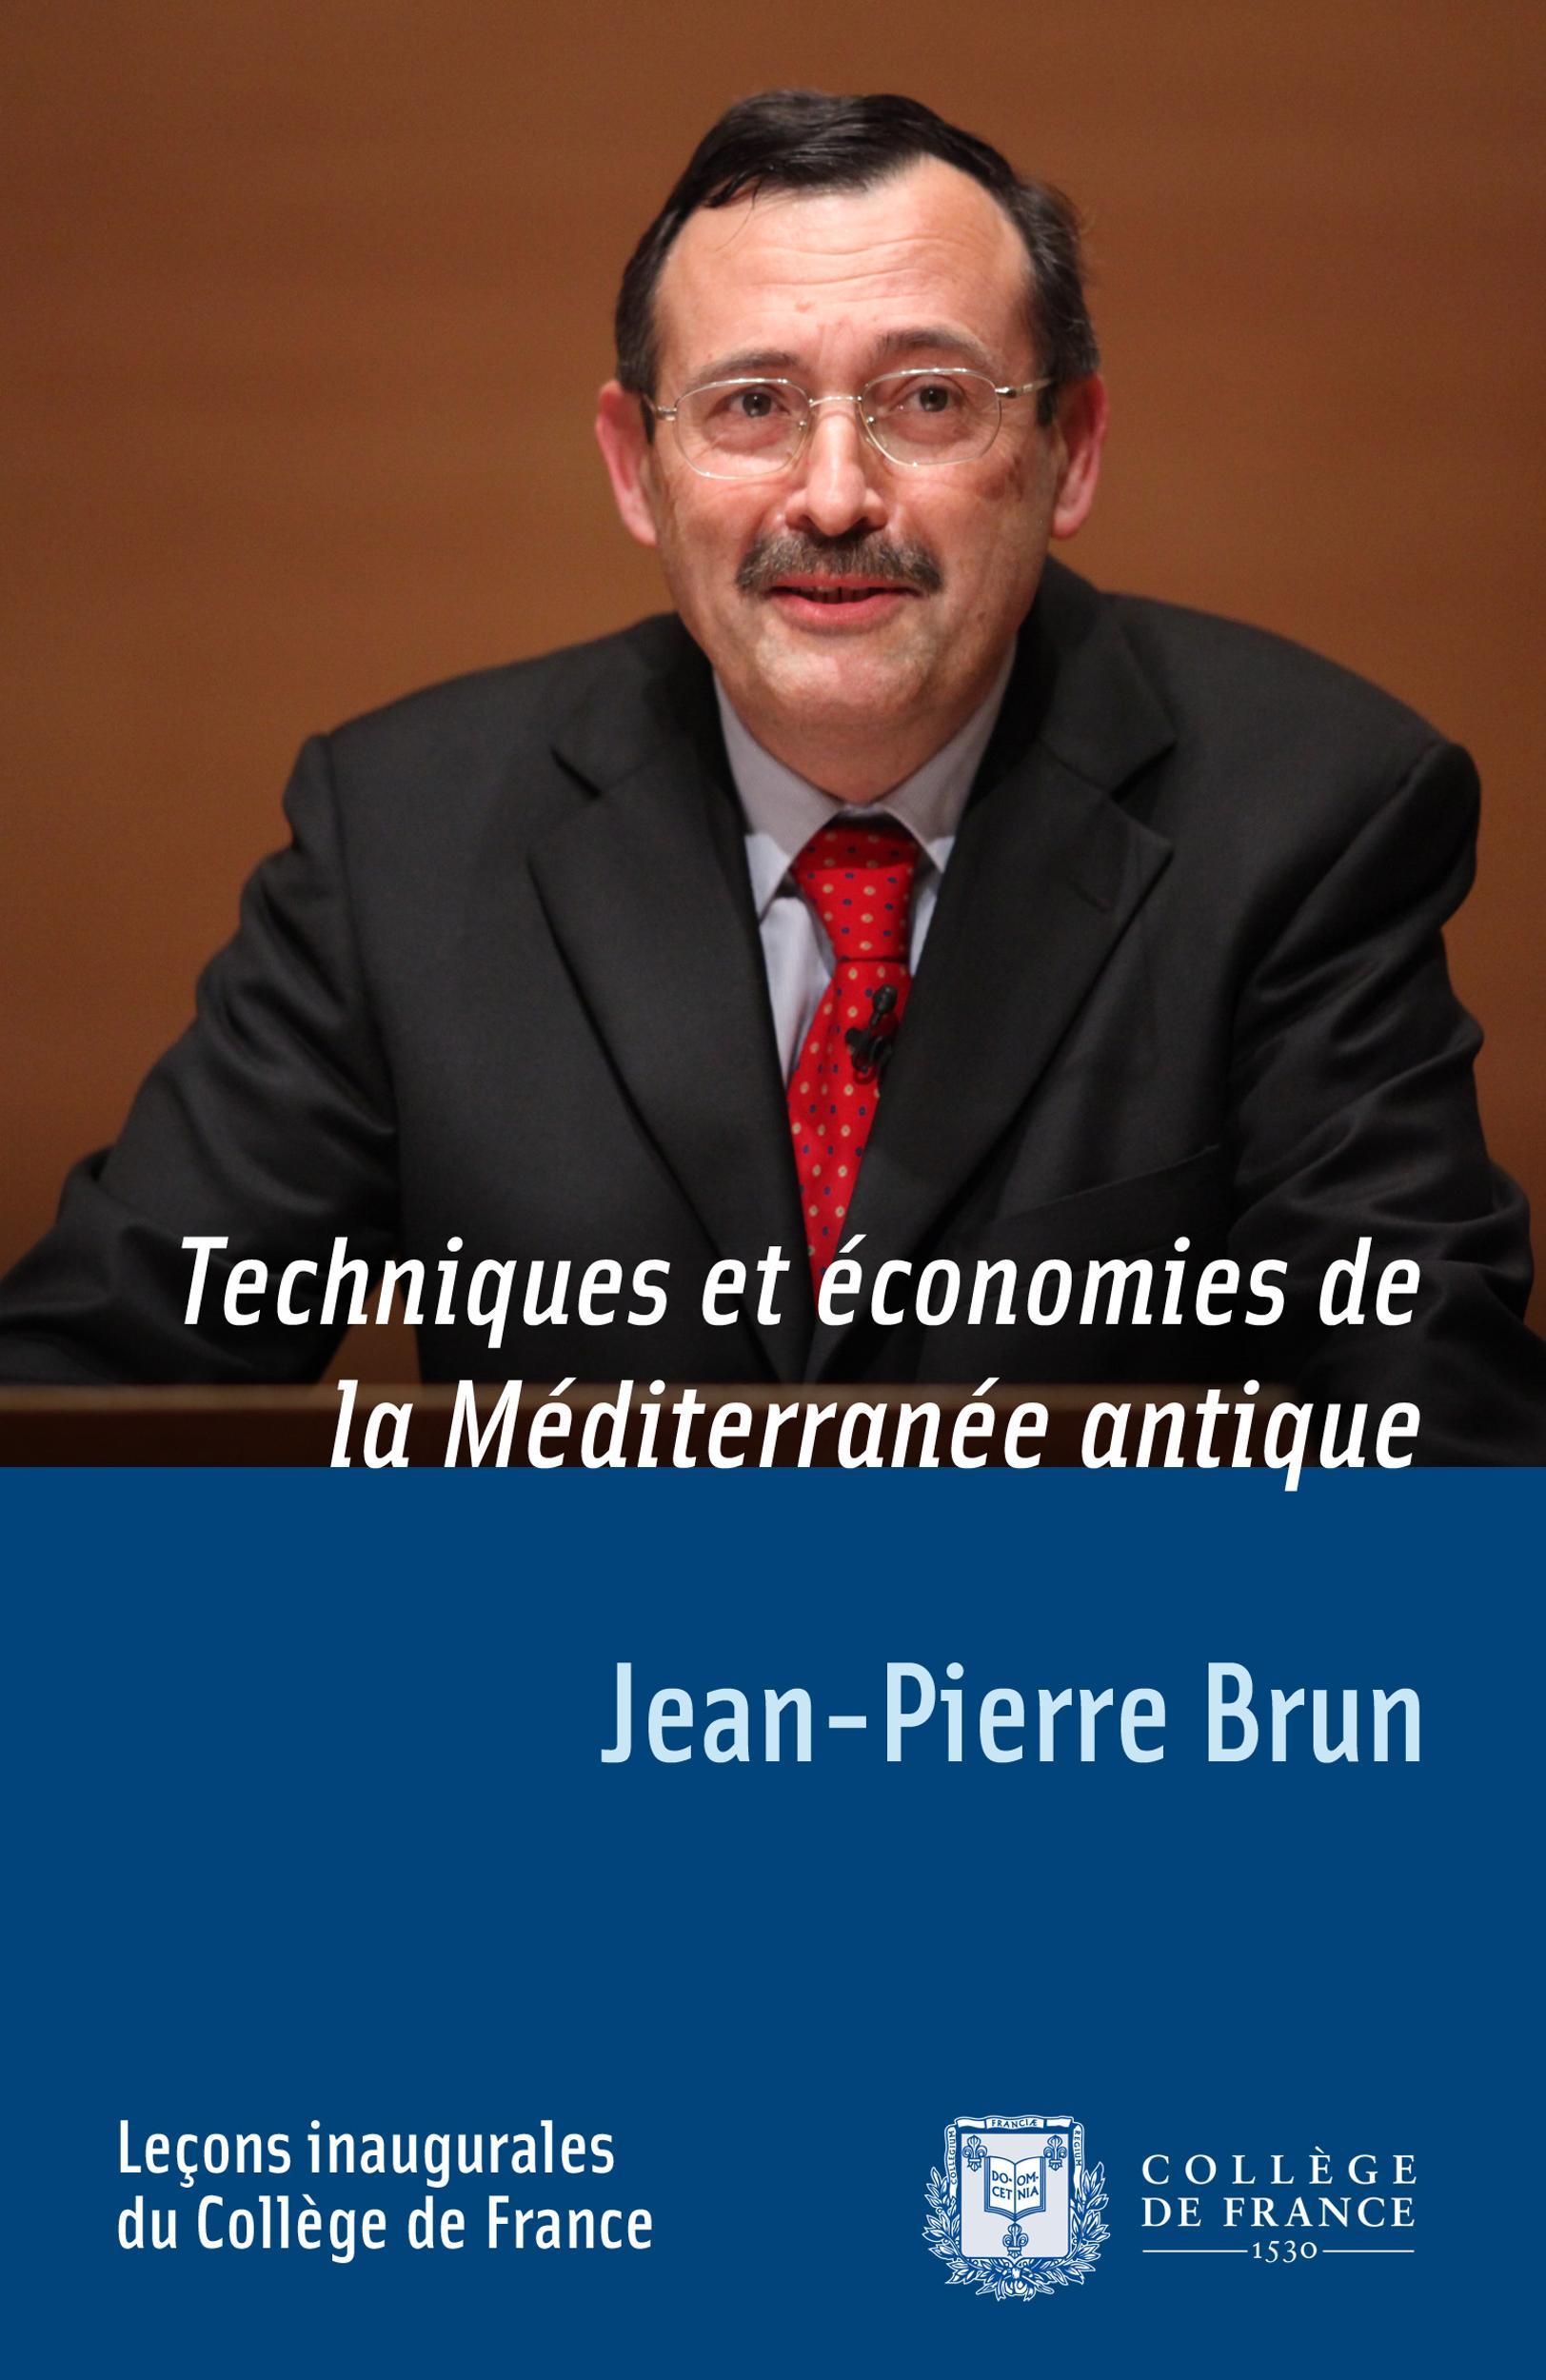 Techniques et économies de la Méditerranée antique, LEÇON INAUGURALE PRONONCÉE LE JEUDI 5AVRIL2012